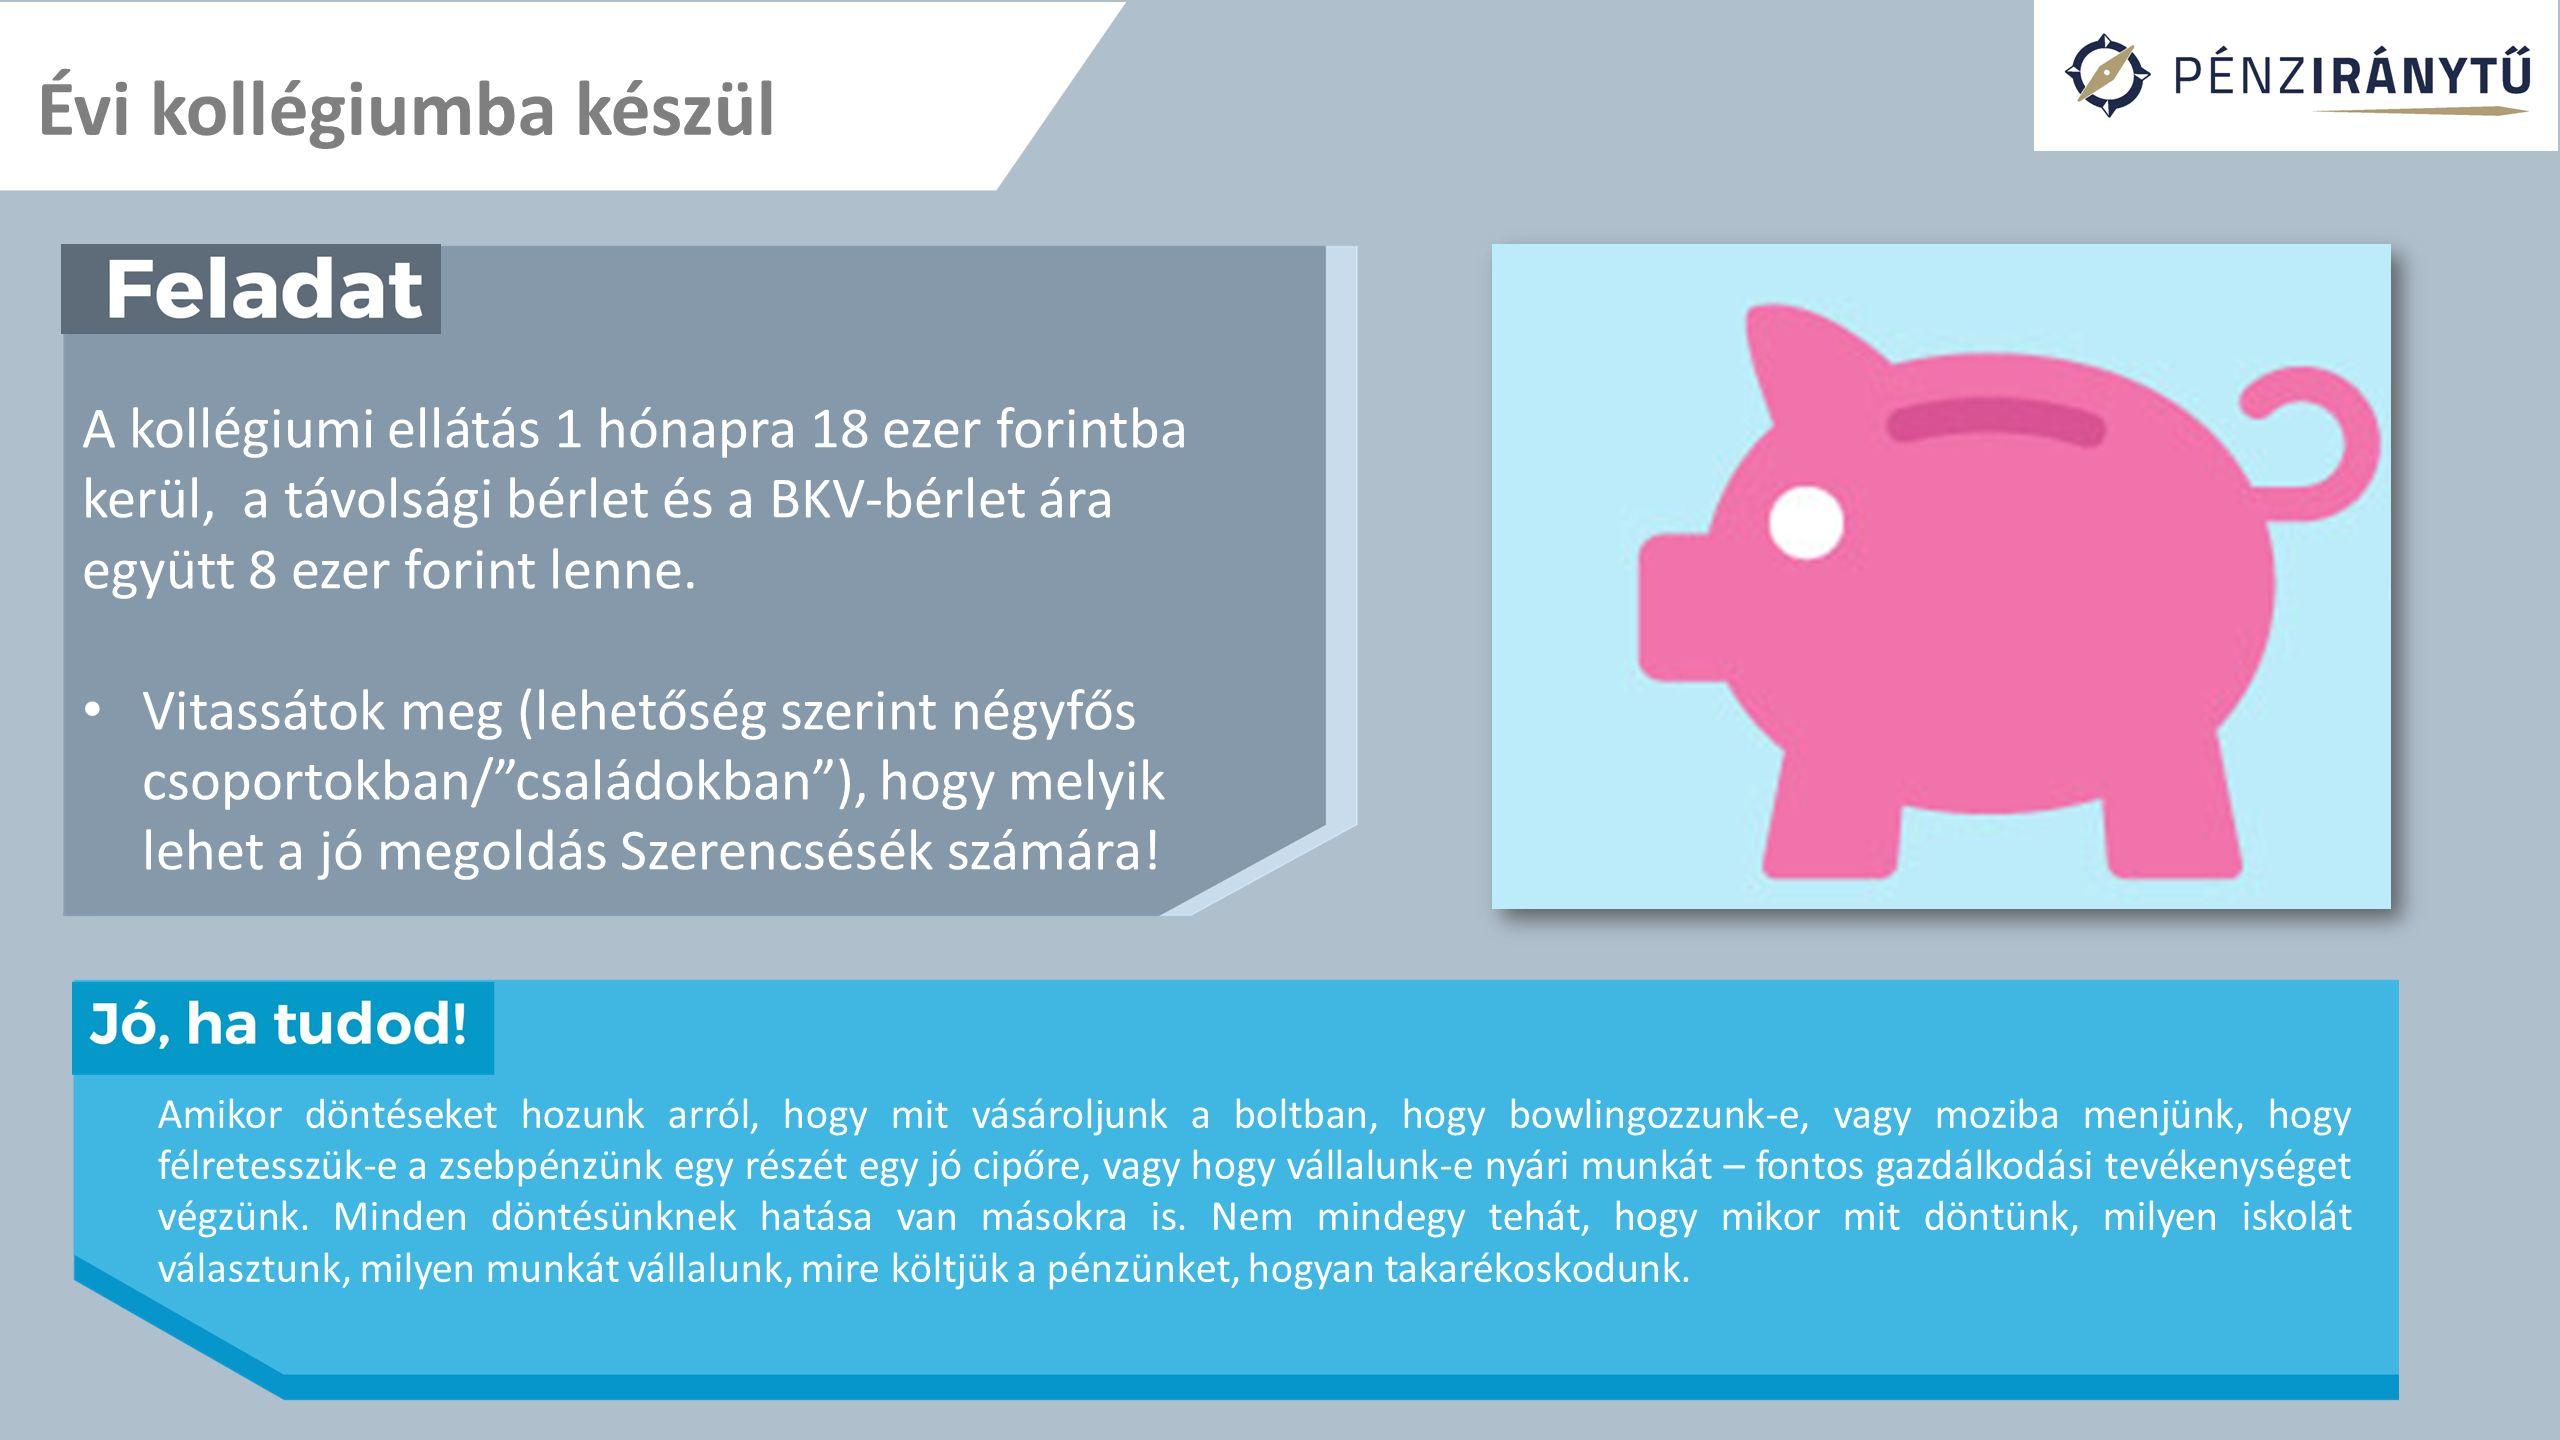 Évi kollégiumba készül A kollégiumi ellátás 1 hónapra 18 ezer forintba kerül, a távolsági bérlet és a BKV-bérlet ára együtt 8 ezer forint lenne. Vitas